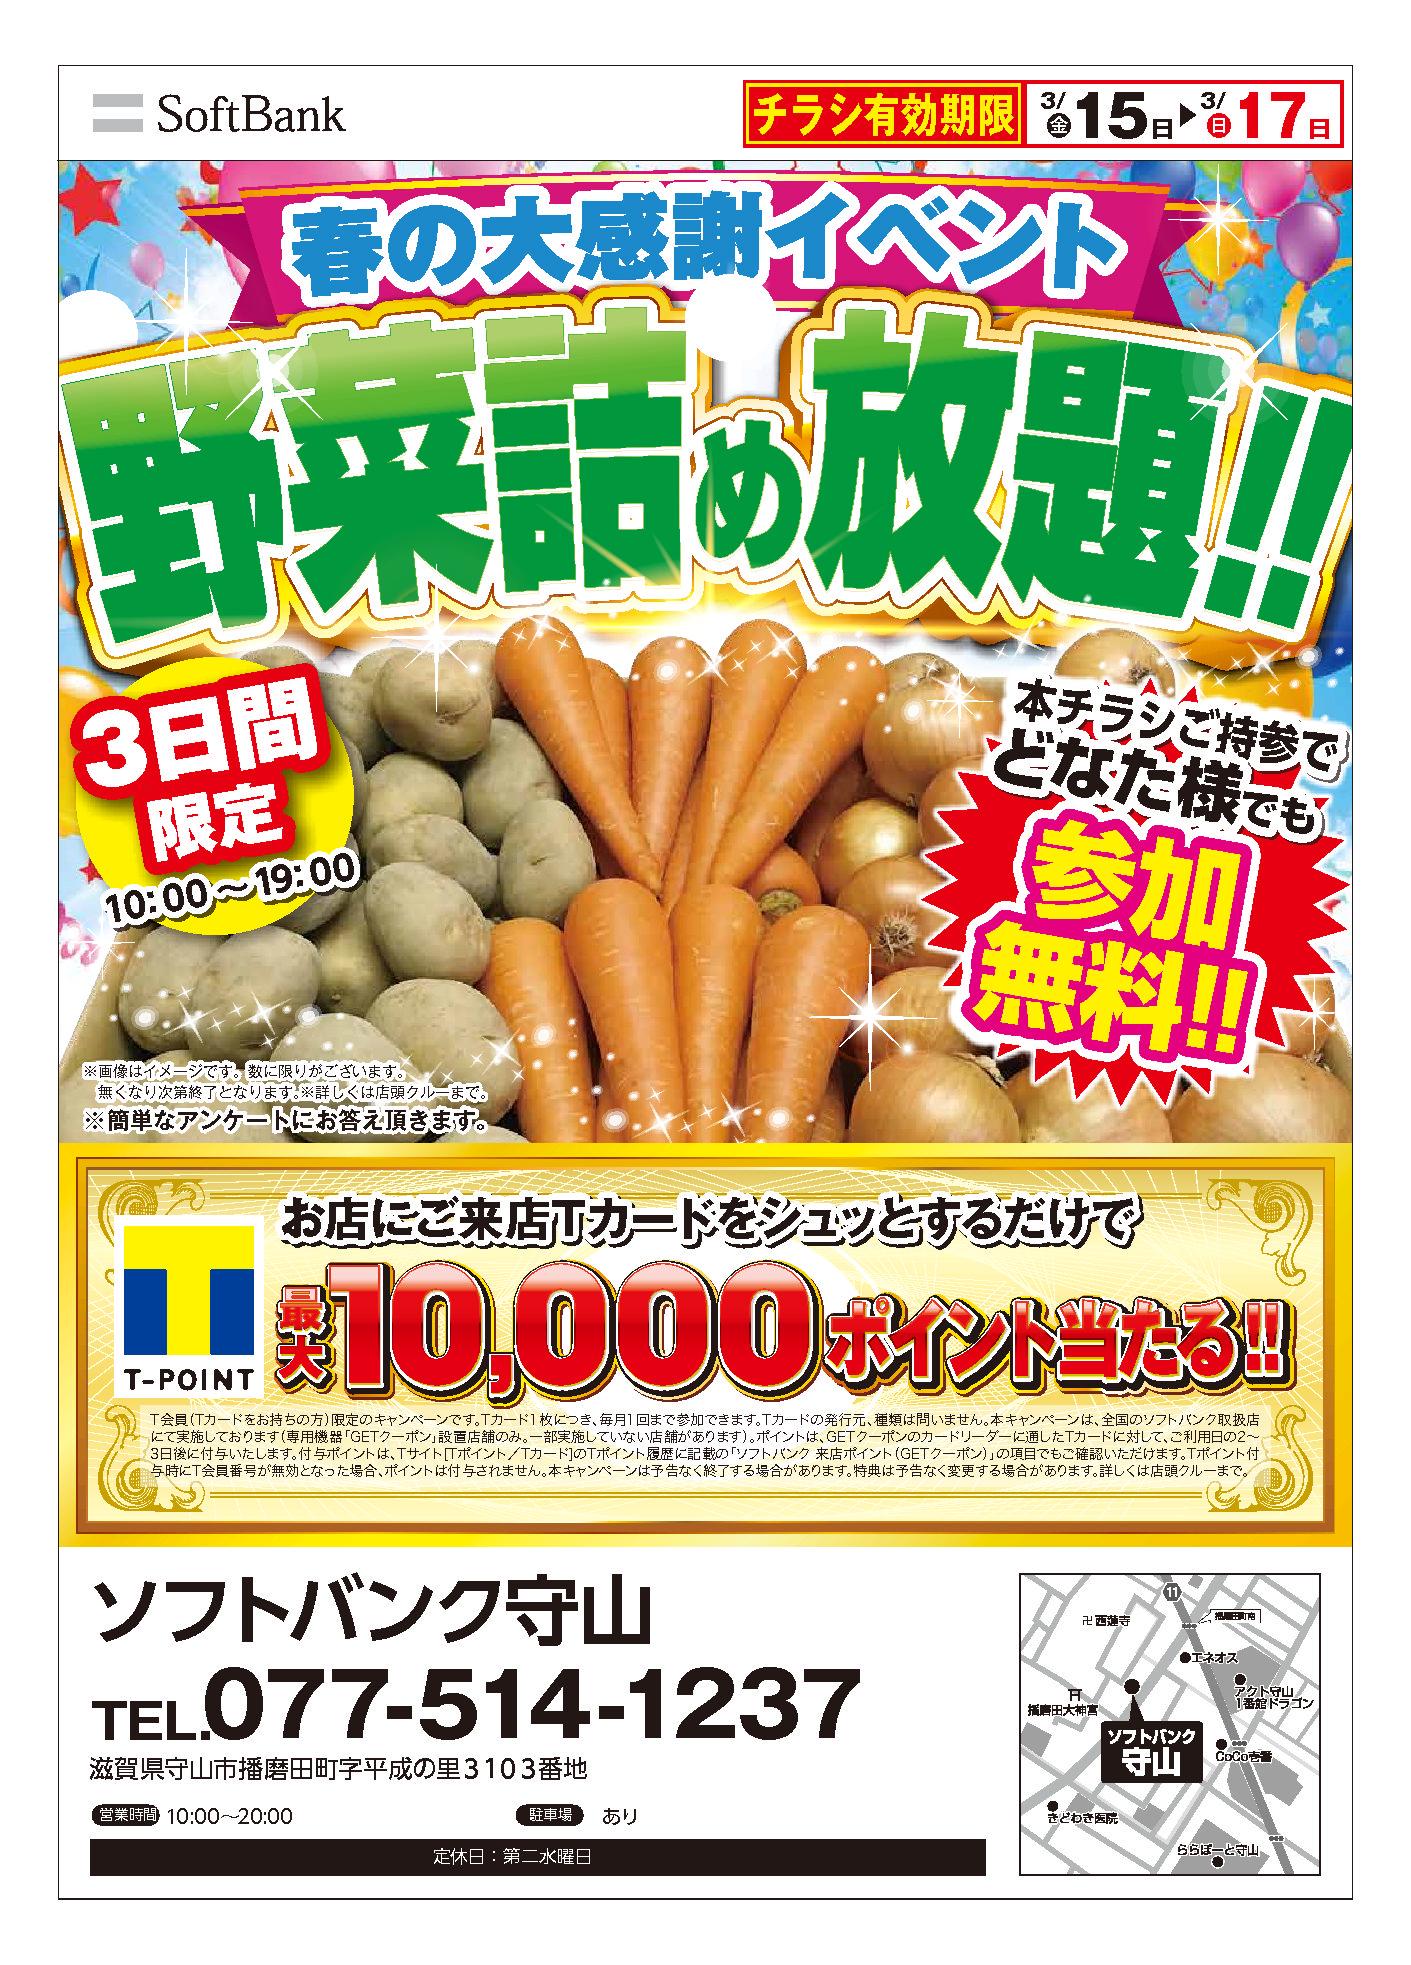 ☆野菜詰め放題イベント☆(画像)